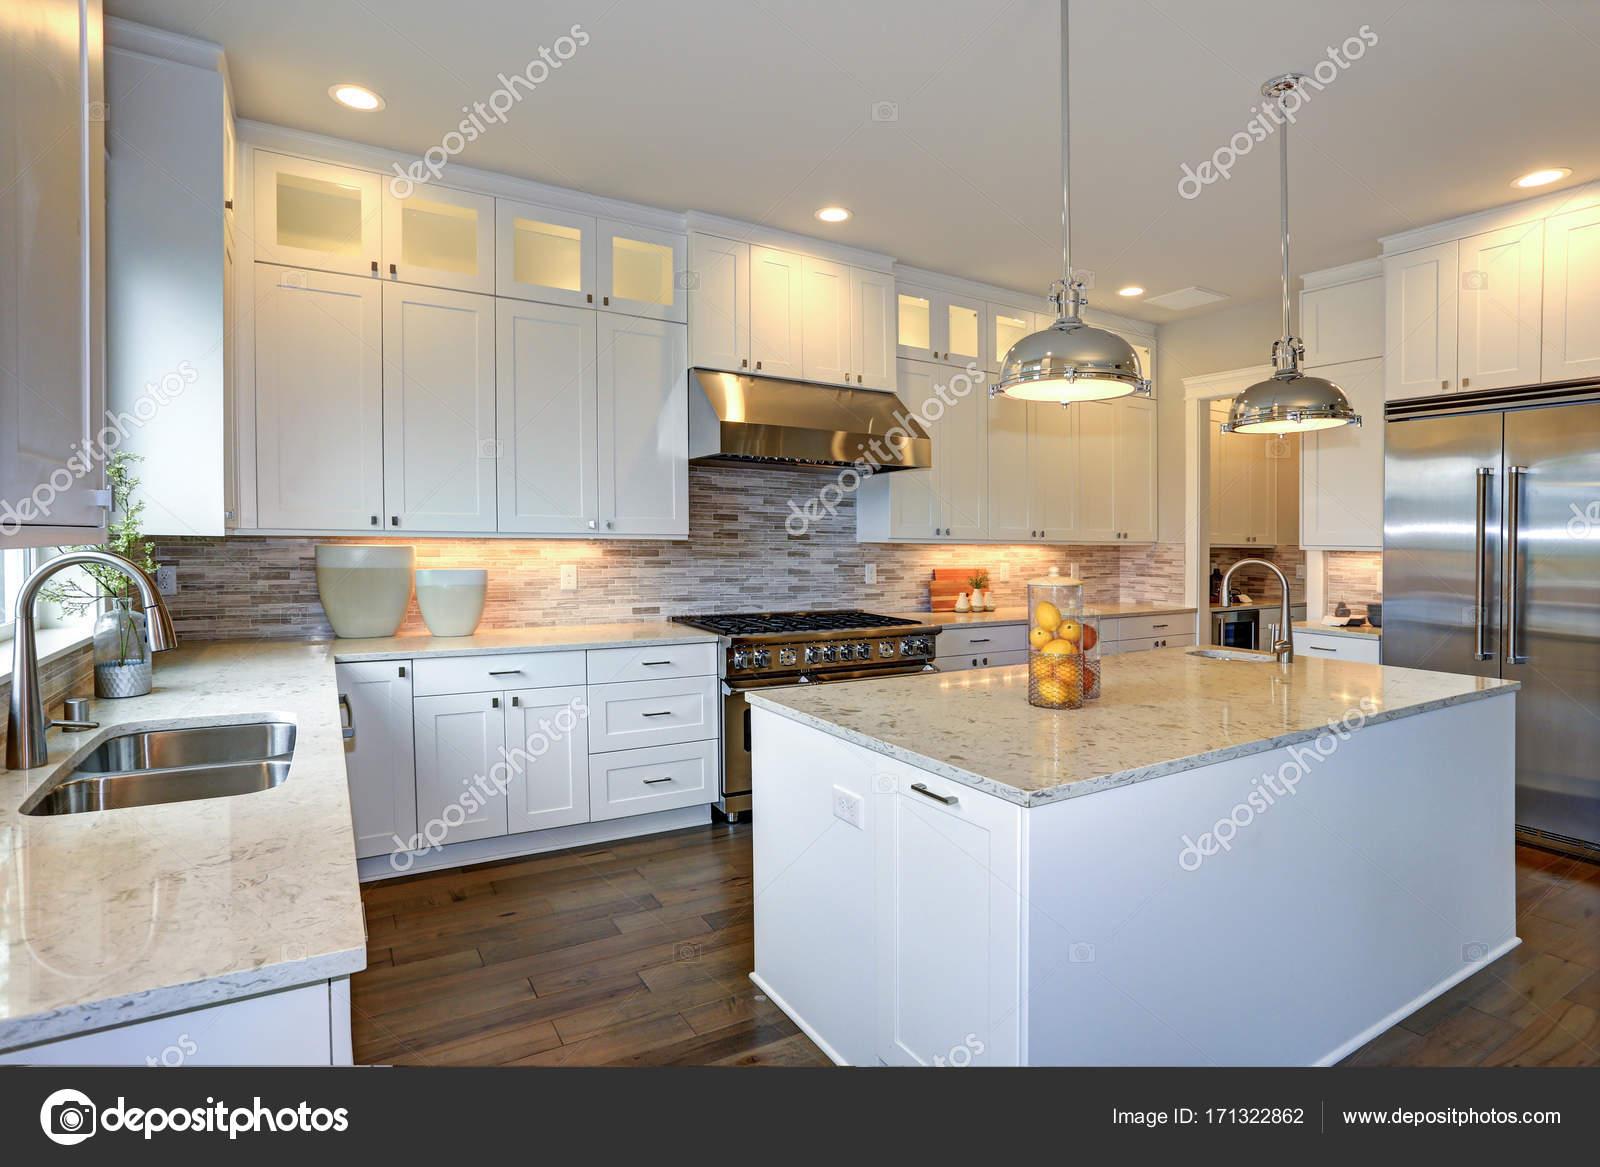 Cozinha De Luxo Branco Com Grande Cozinha Ilha Fotografias De